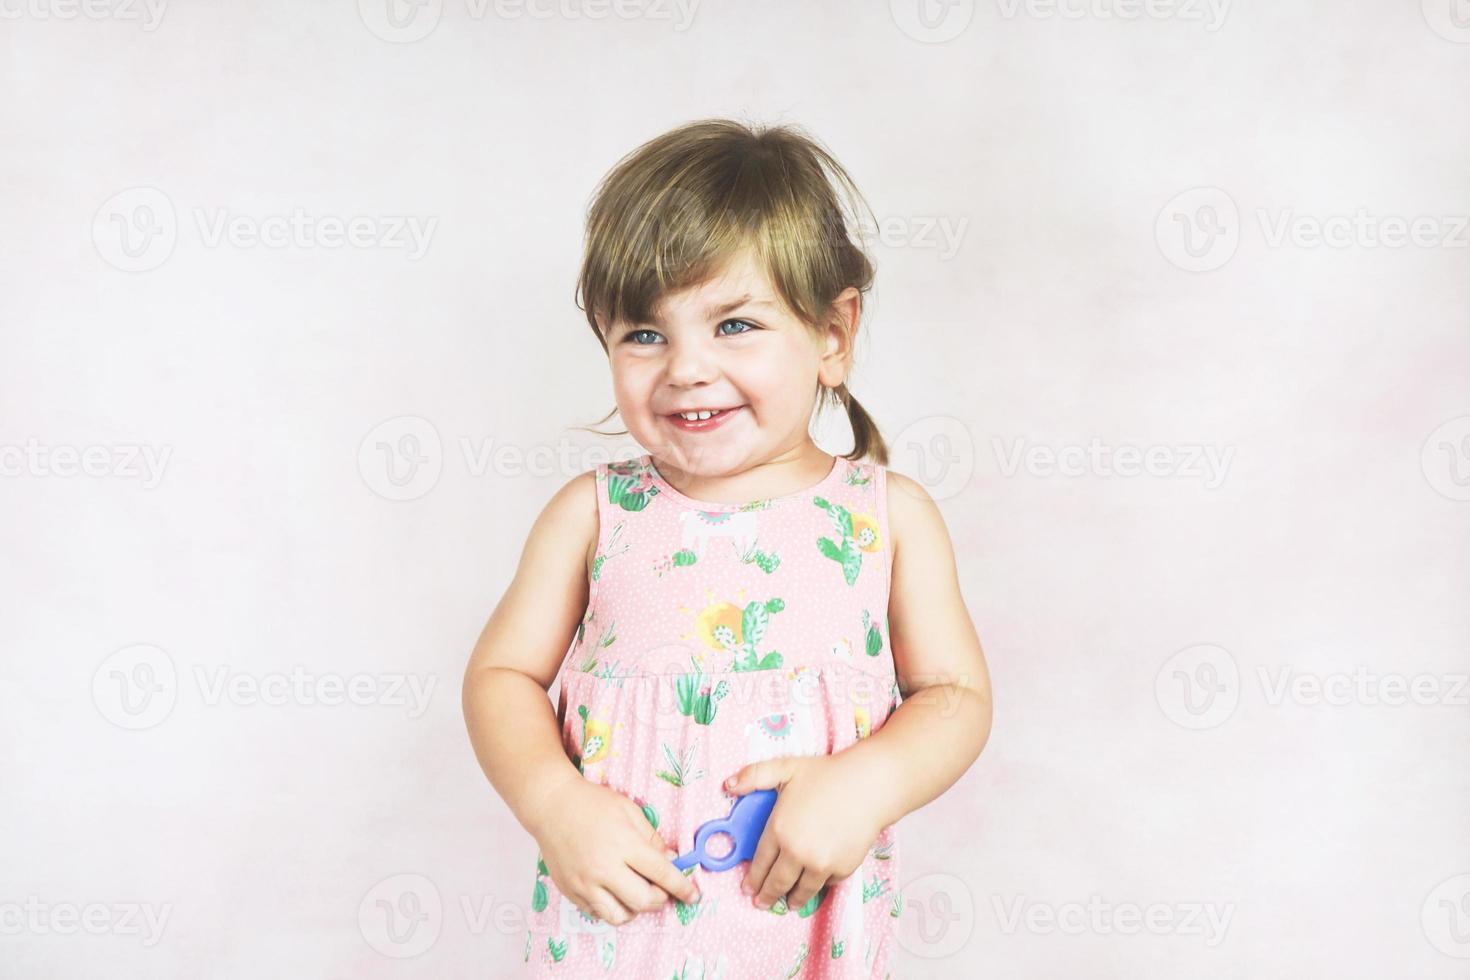 jeune petite et drôle de fille dans un studio shot photo